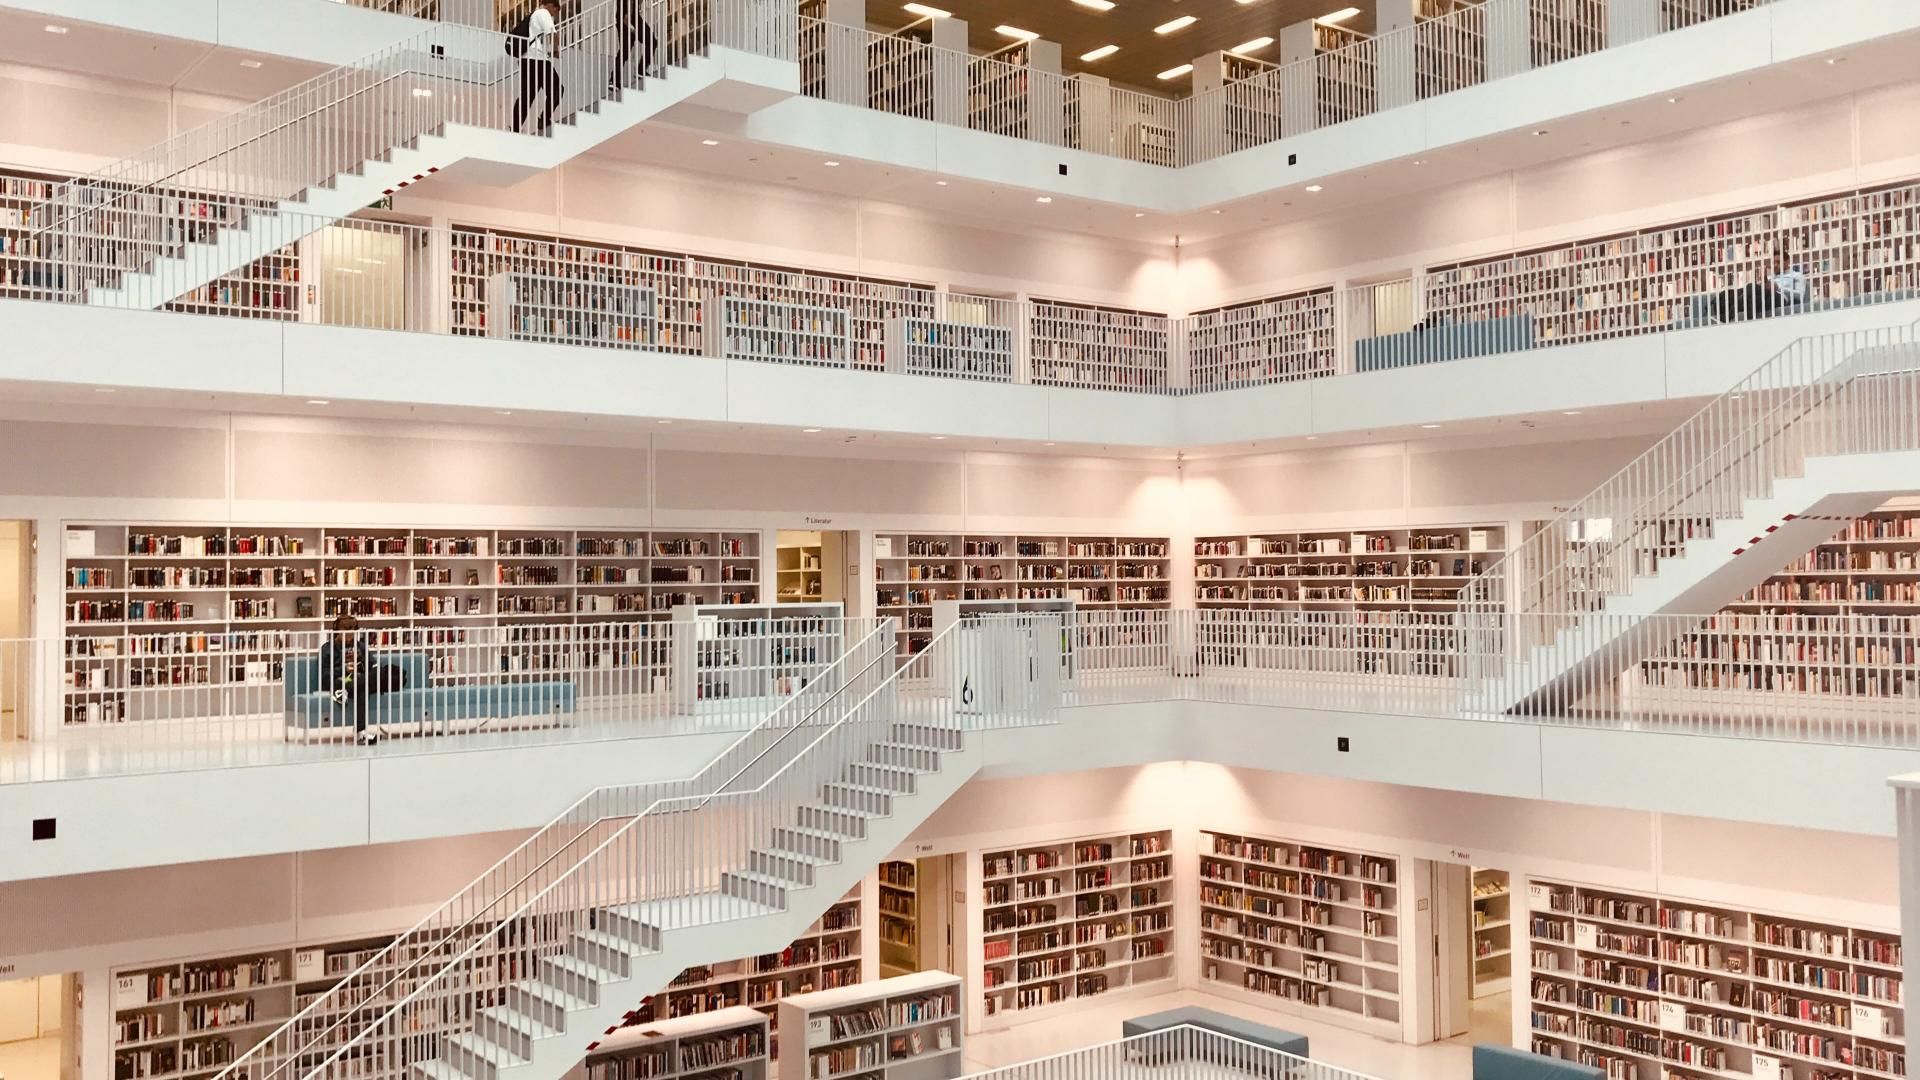 Bücherregale über mehrere Etagen in der Bibliothek in Stuttgart